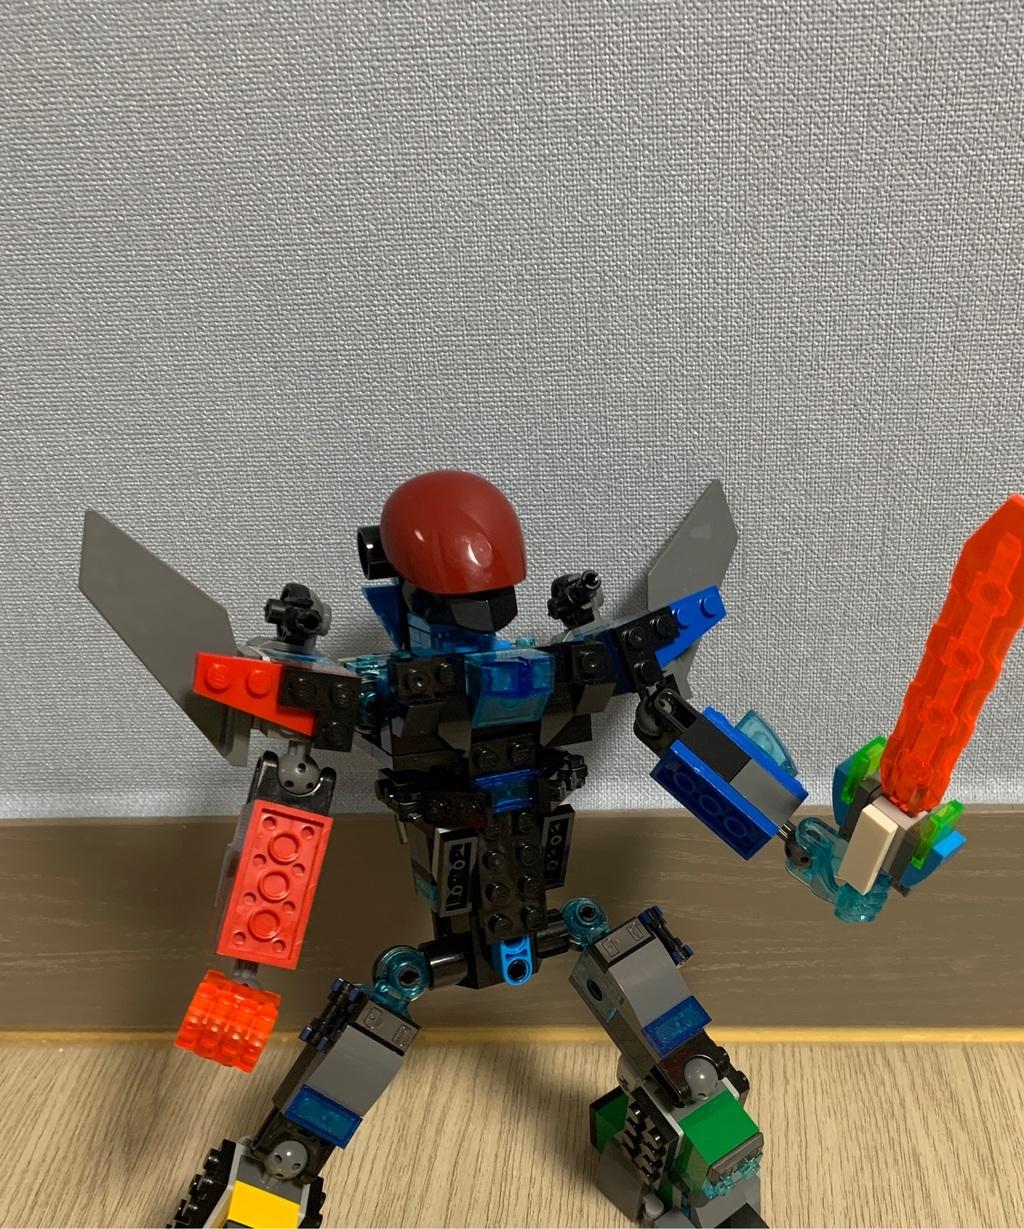 제가 만든 레고로봇이에요.